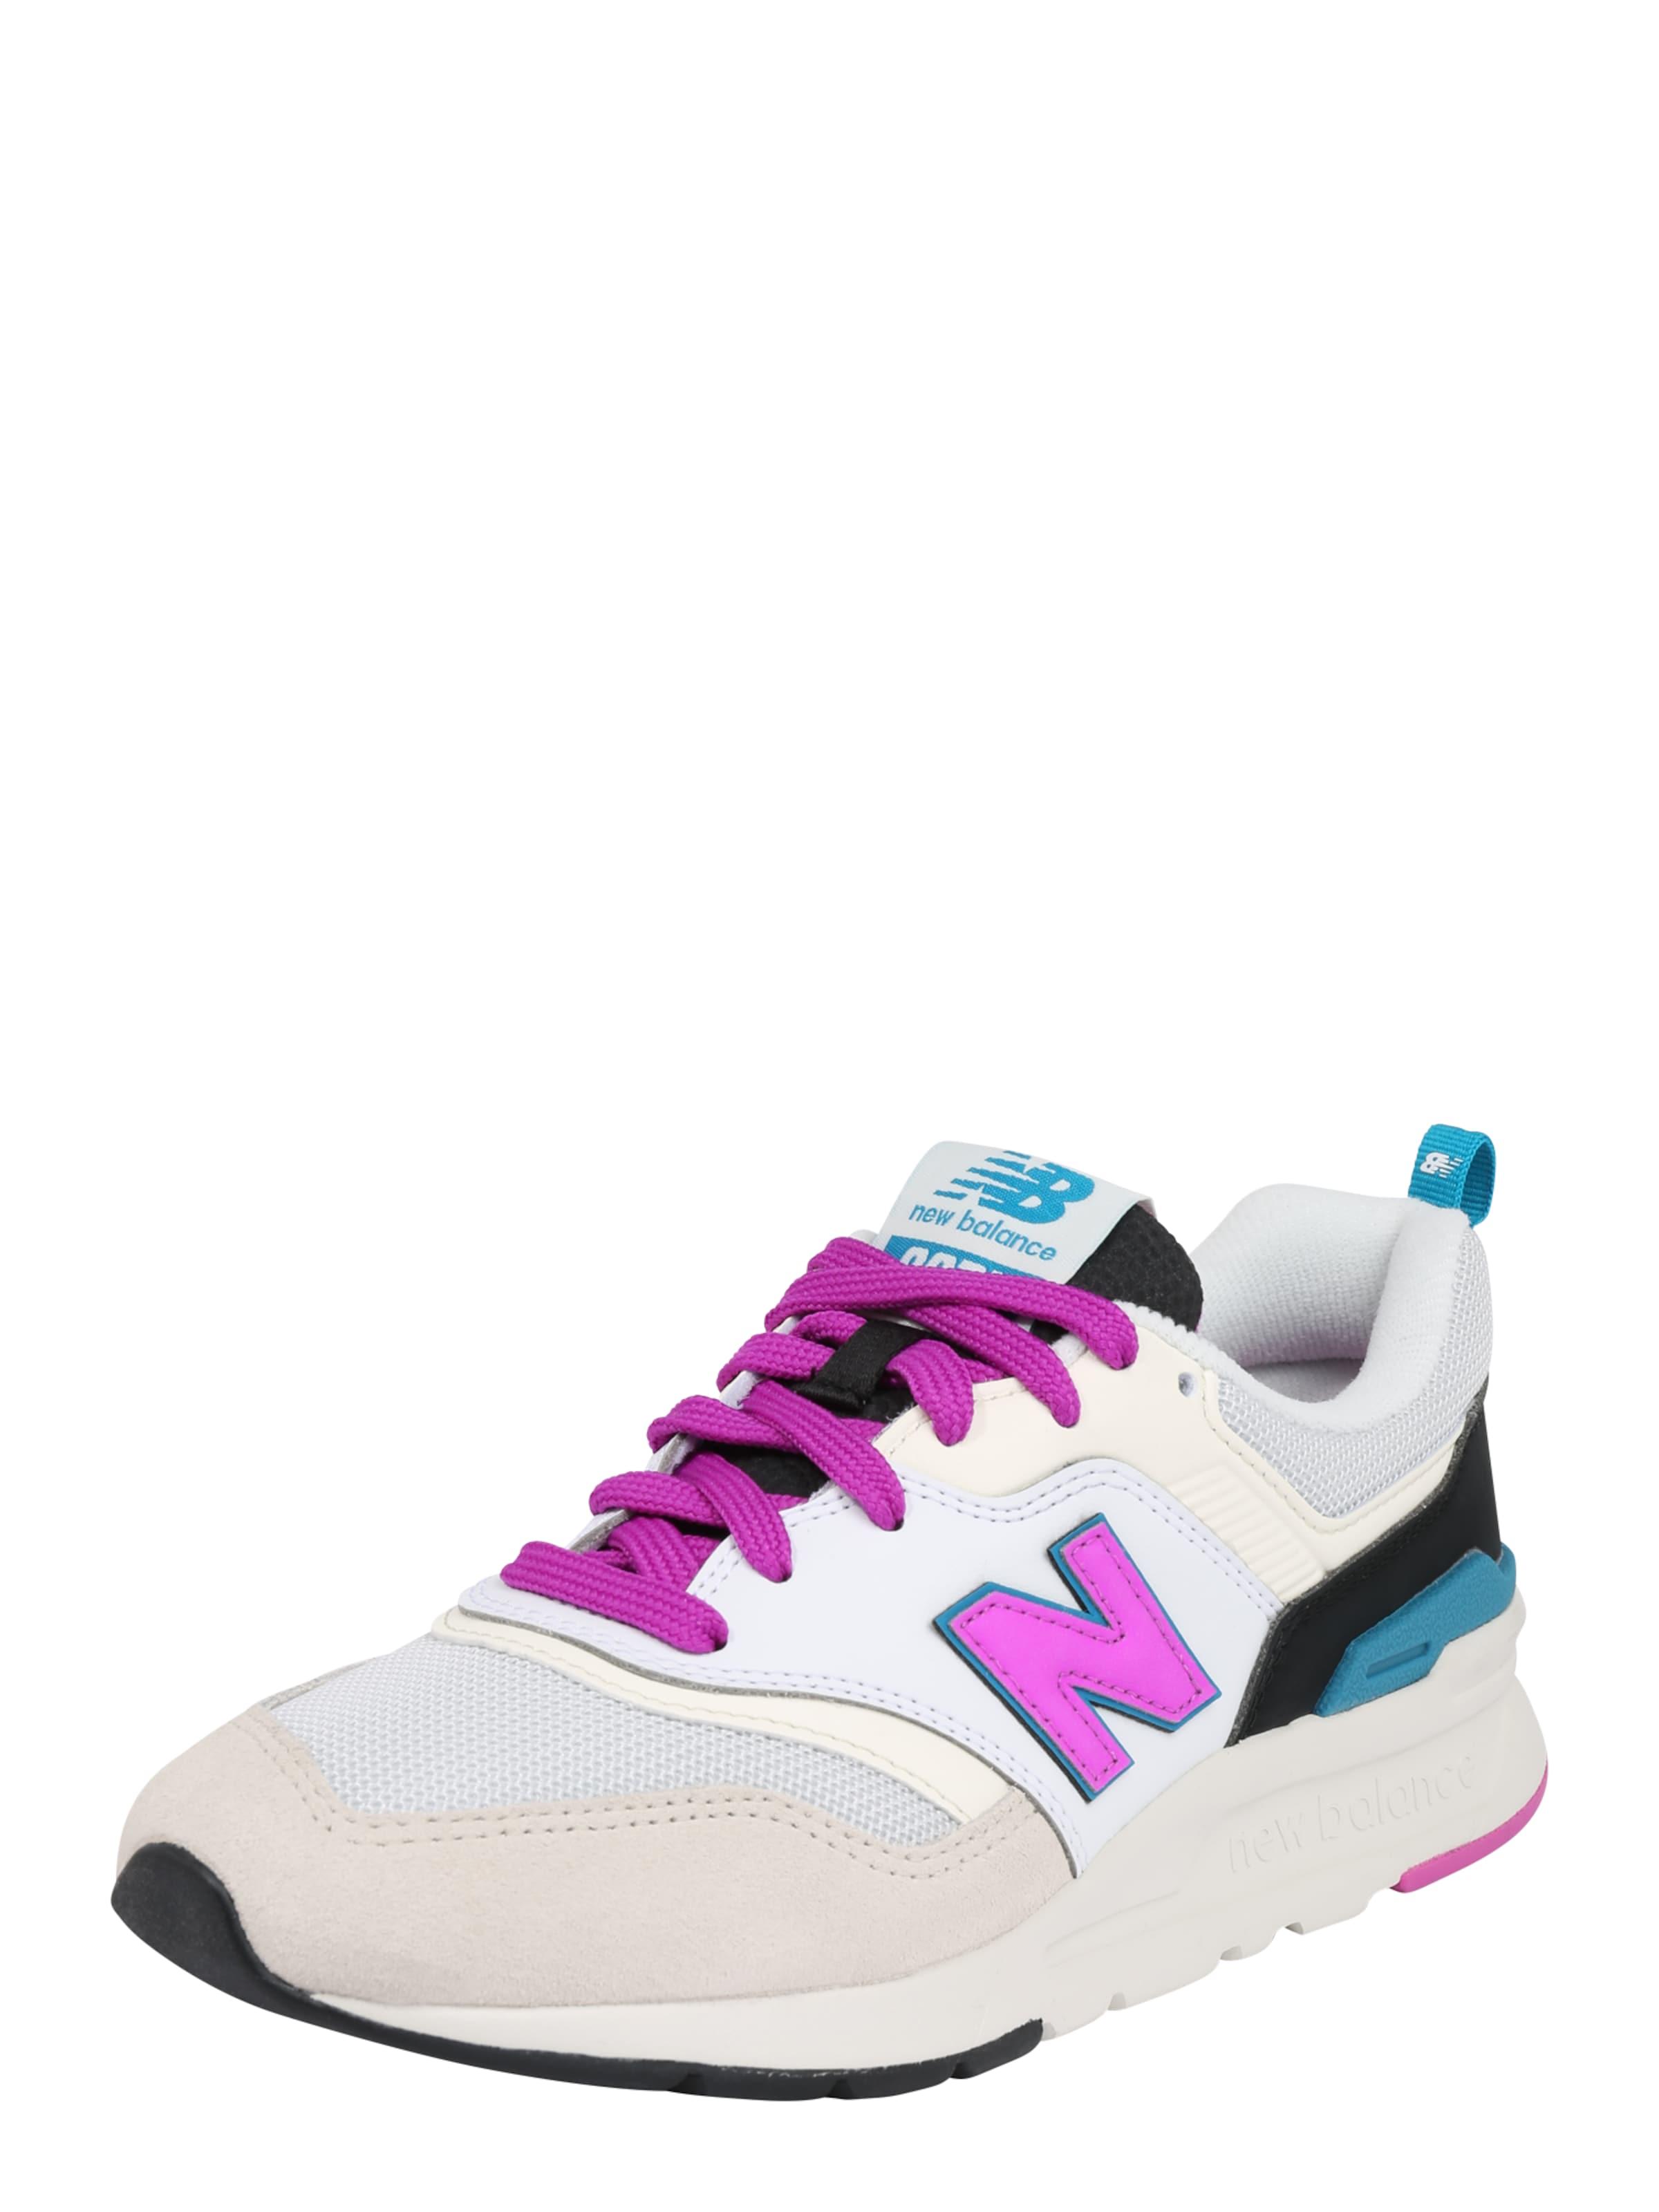 Blanc Baskets 'cw New Basses VioletNoir Balance 997' En 8nXOPk0wN